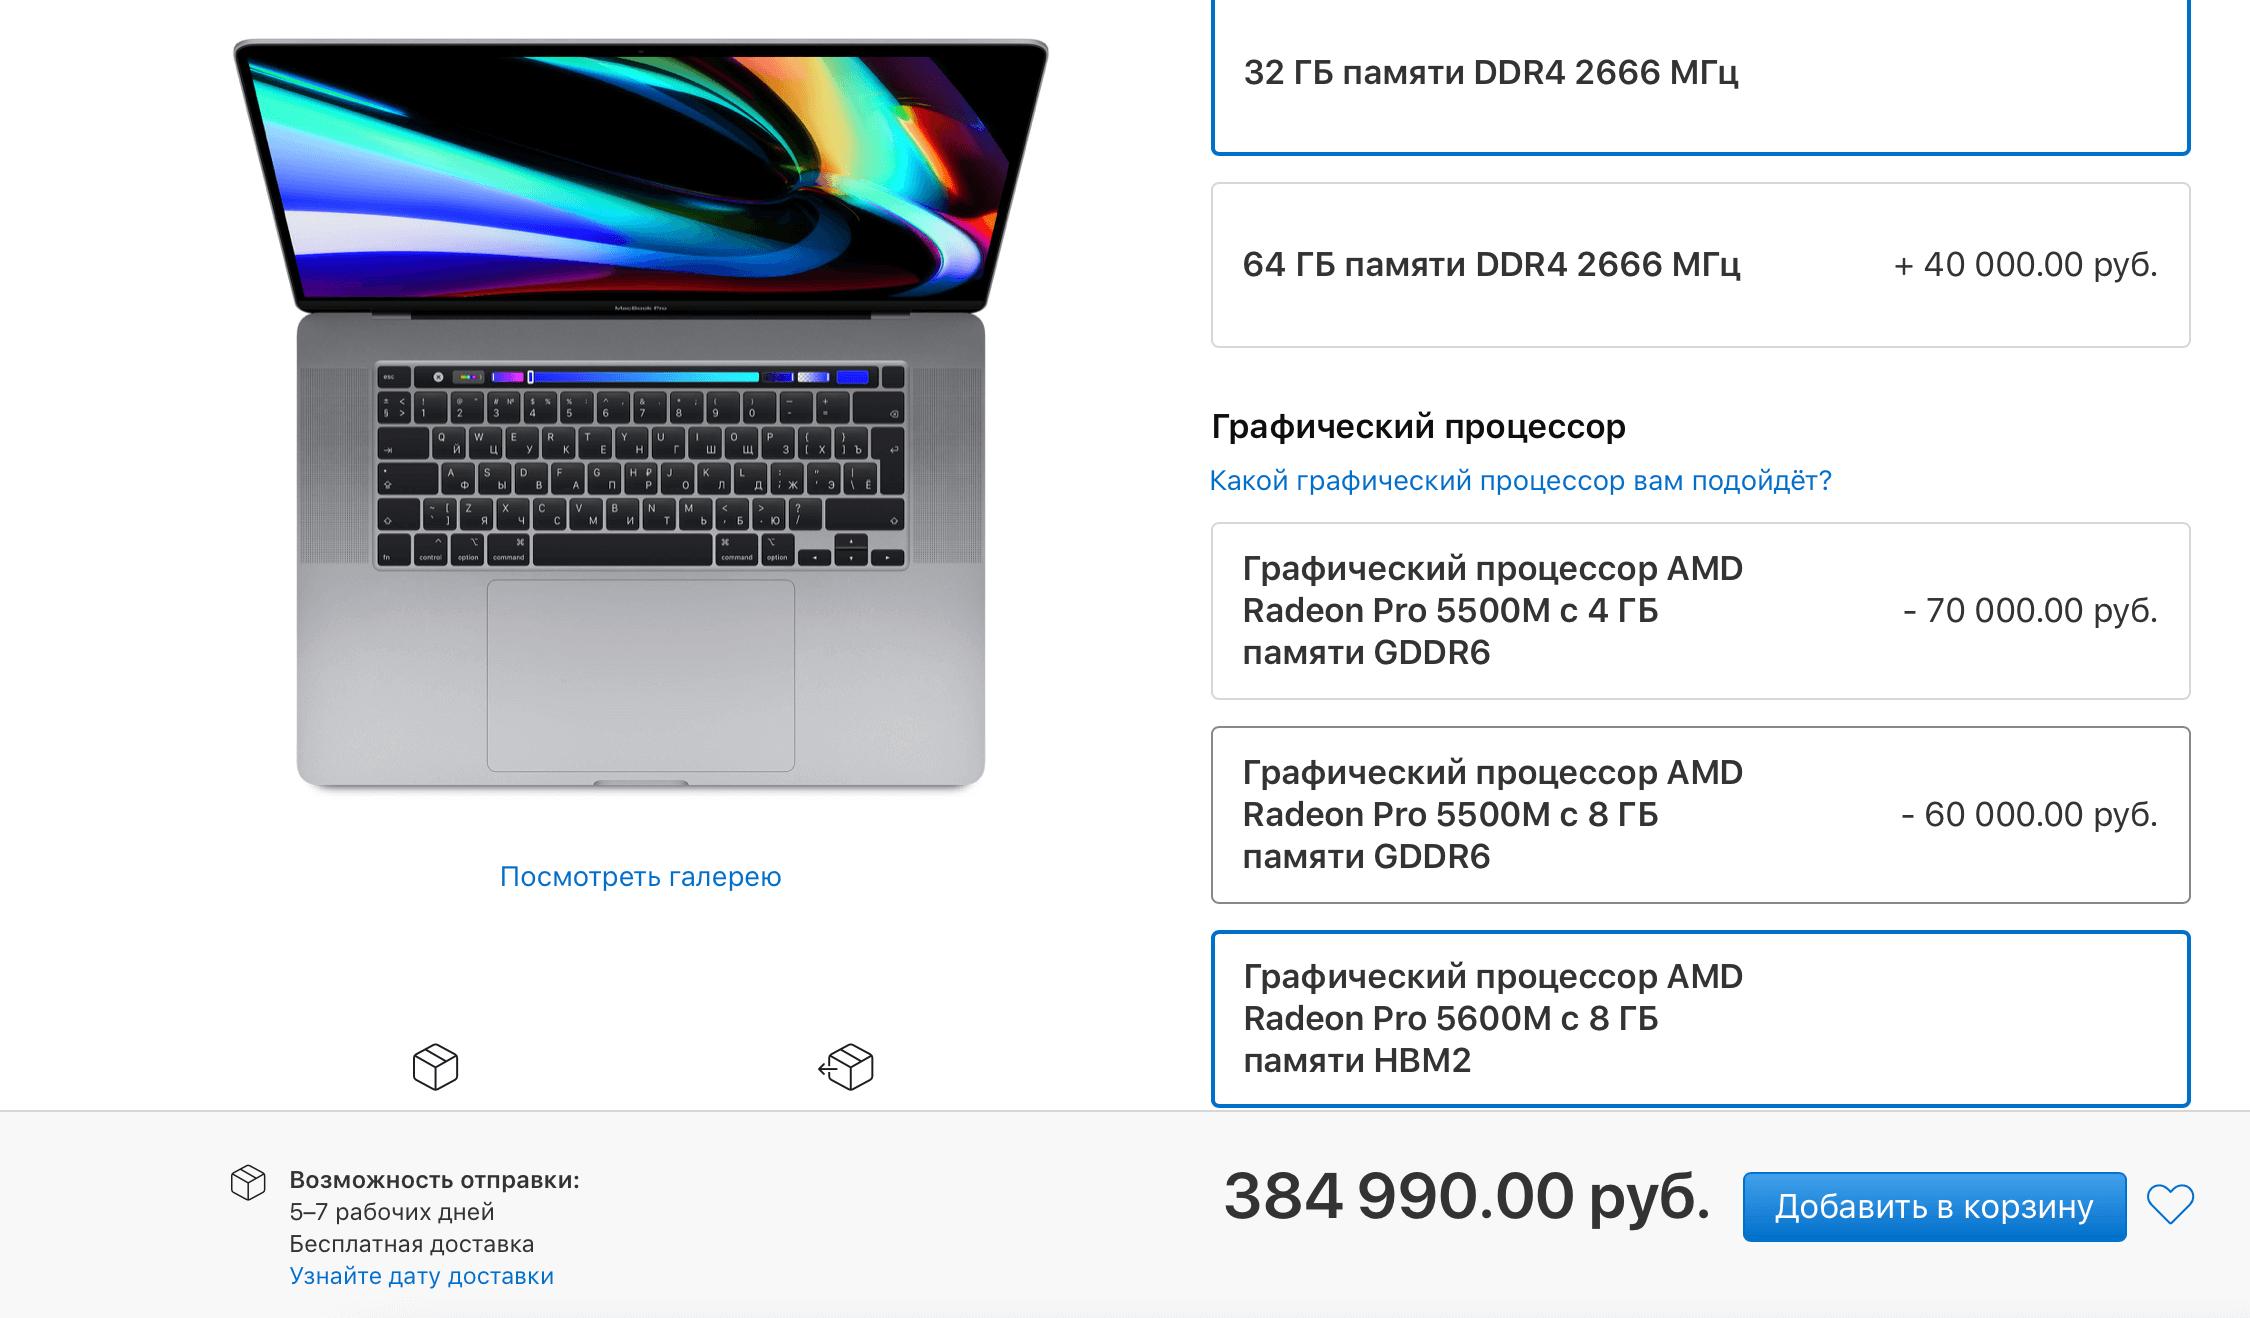 5 причин, по которым MacBook Pro 13 на M1 лучше MacBook Pro 16 на Intel